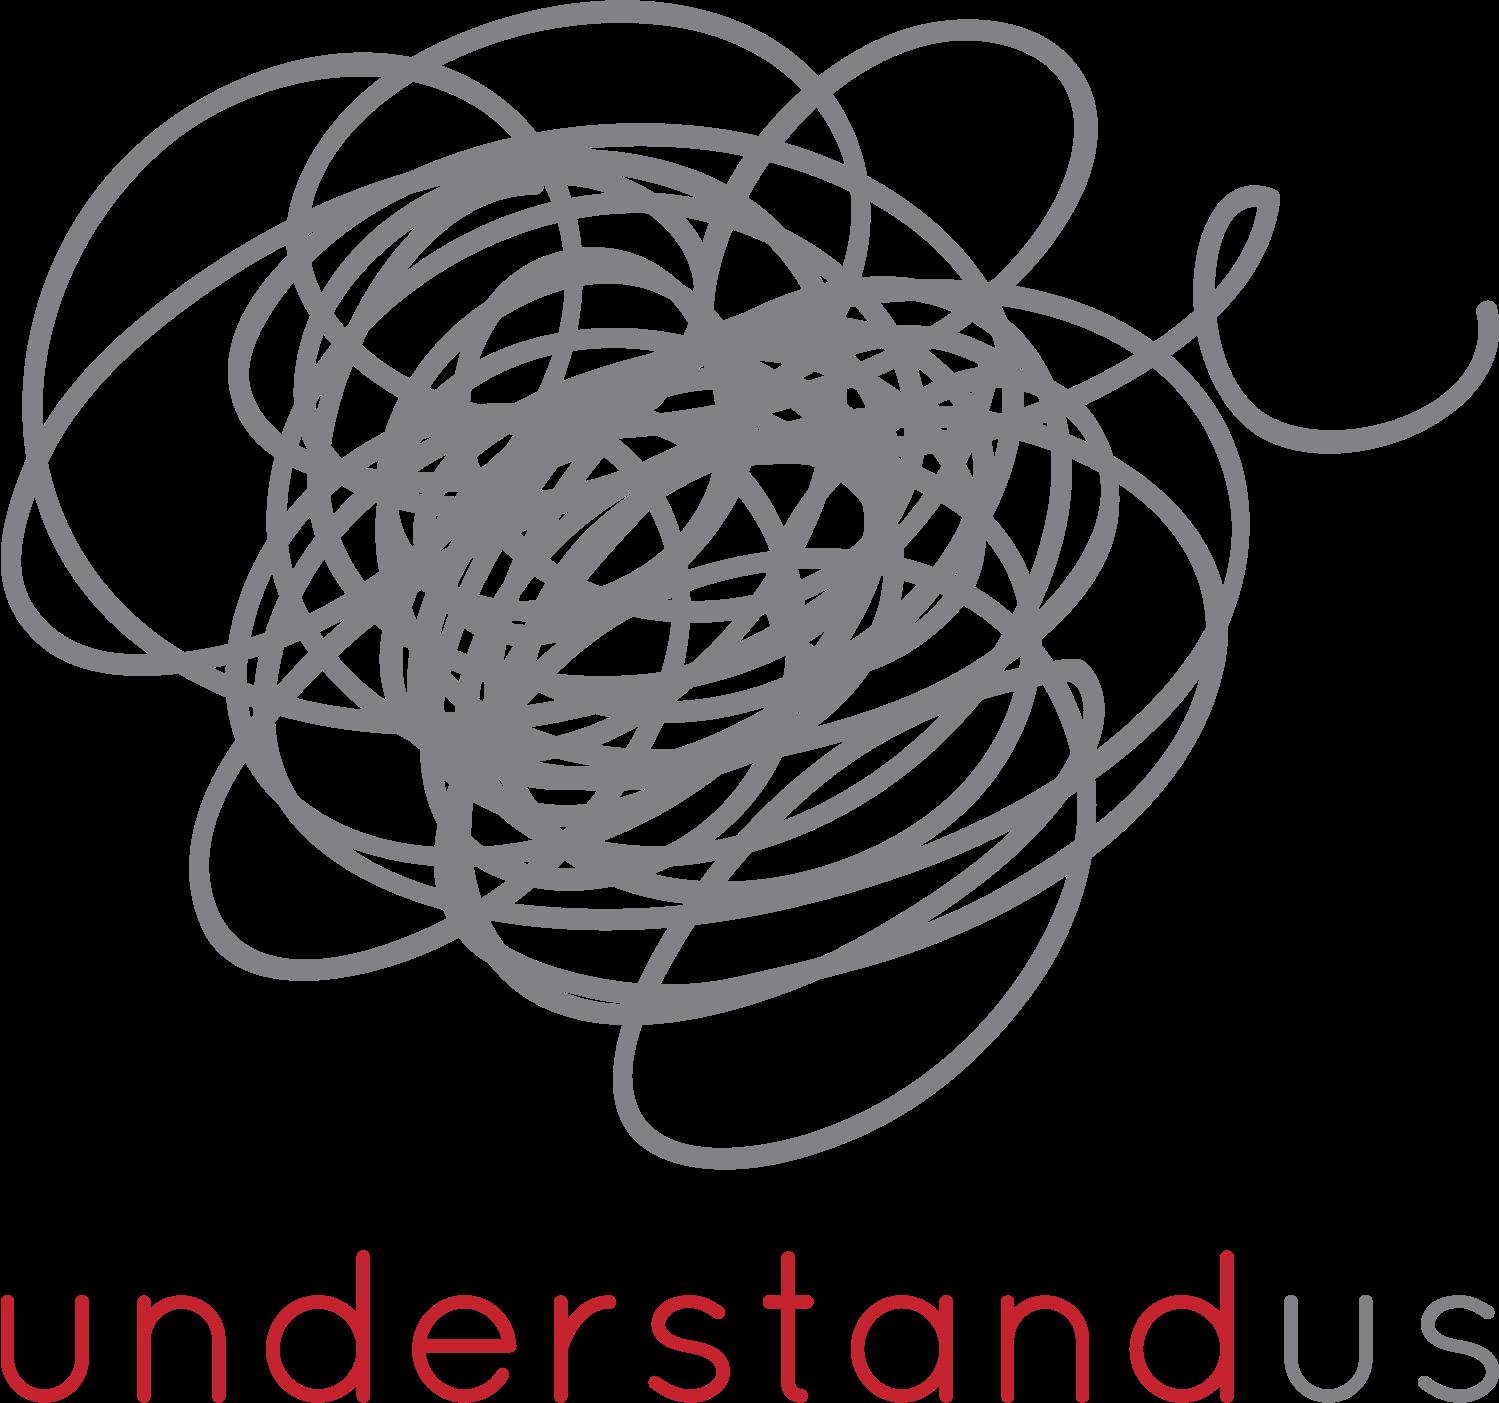 UnderstandUs